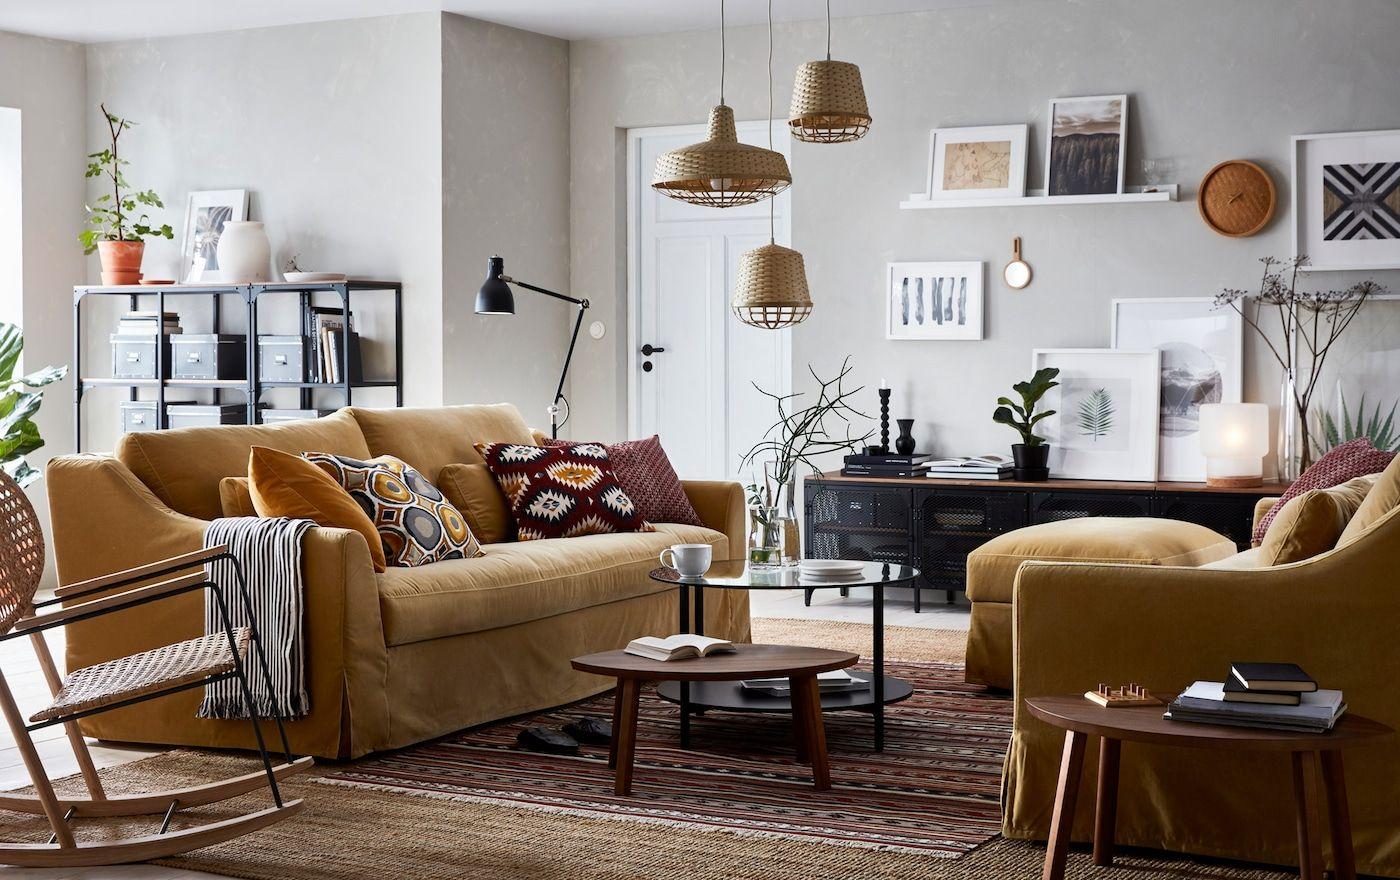 Timeless Style Lasting Comfort Ikea Malaysia Minimalistische Wohnzimmer Ikea Wohnzimmer Wohnzimmermobel Ikea [ 880 x 1400 Pixel ]